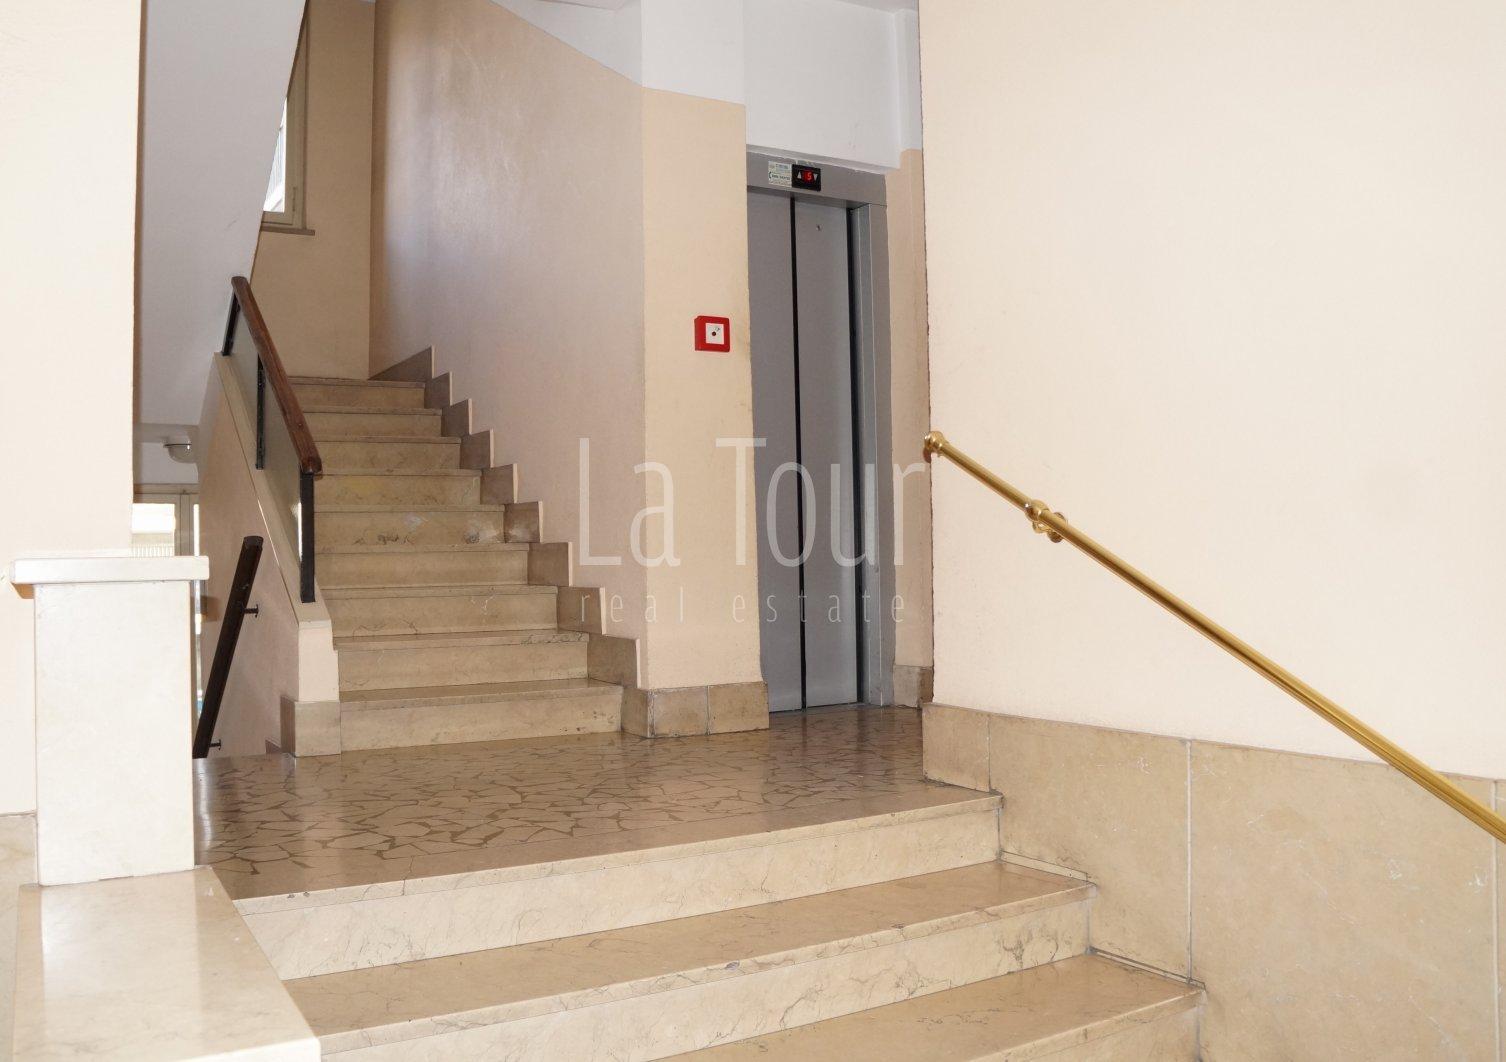 particolare del vano scale con ascensore